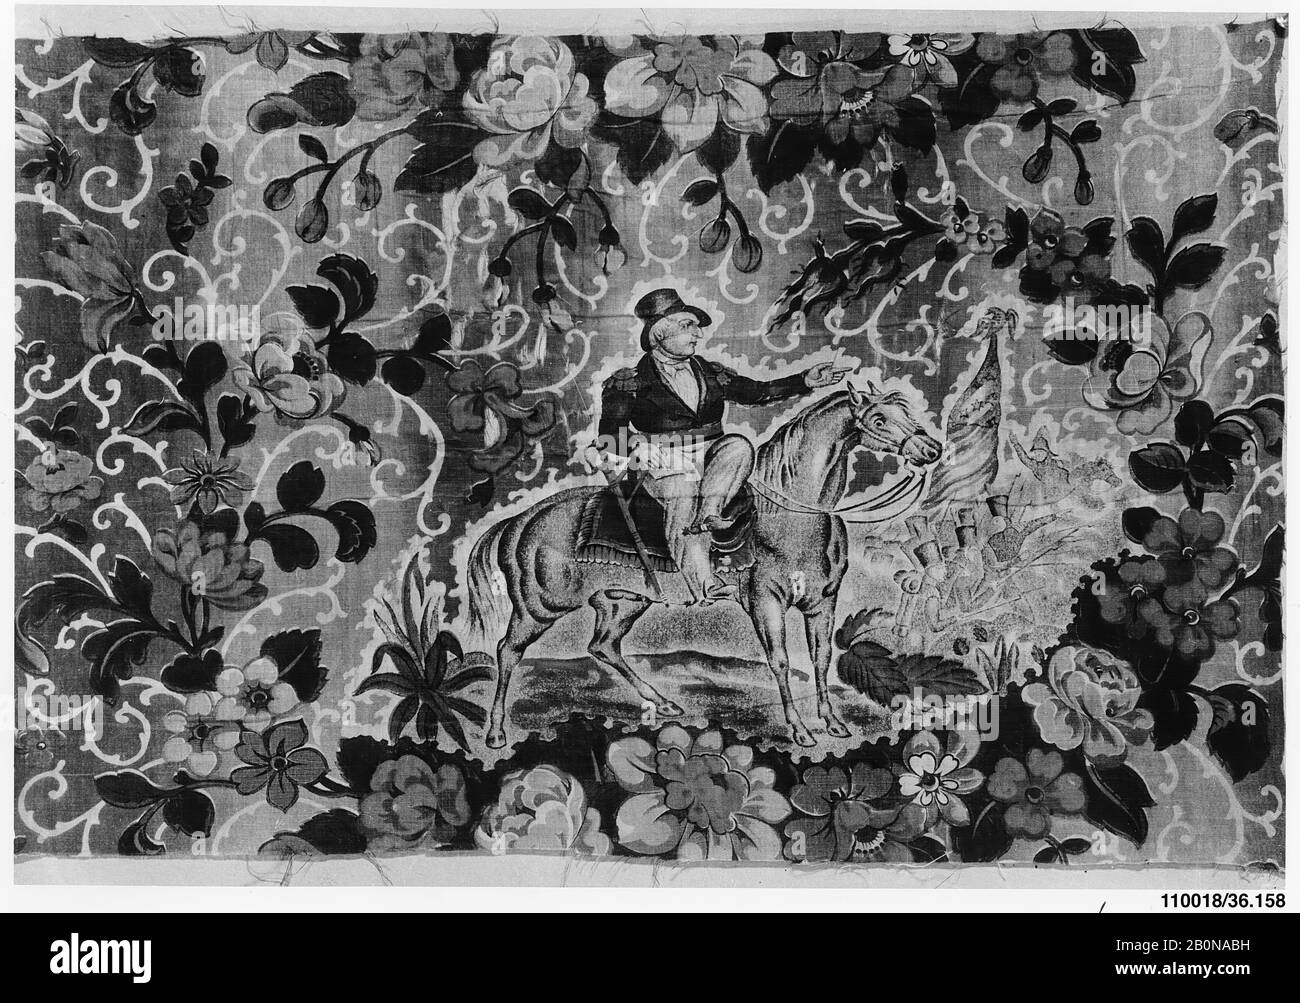 Pieza, americana, ca. 1846–48, norteamericano, algodón, grabado, estampado con rodillos, 25 x 16 pulg. (63.5 x 40.6 cm), Textiles Foto de stock